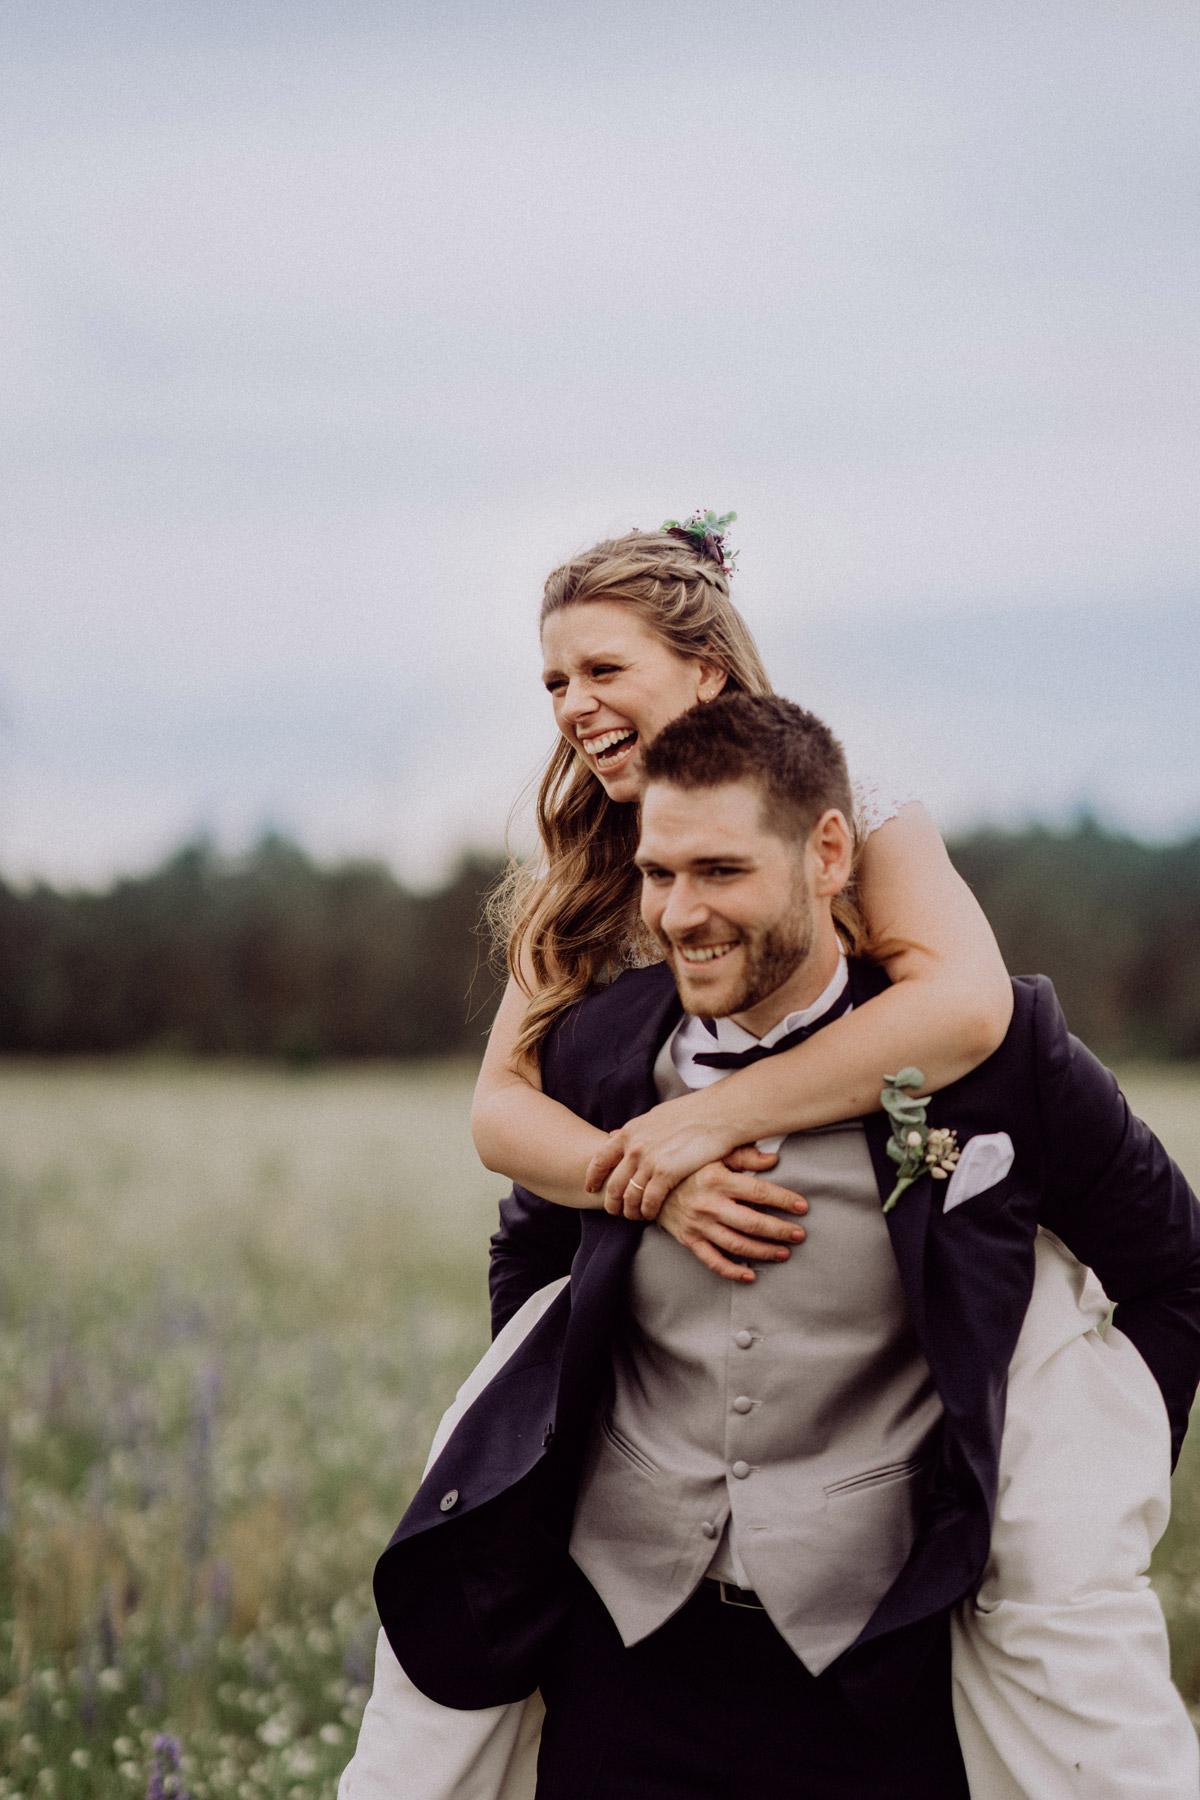 Hochzeitsbilder Ideen, Paarfotosmit glücklich lachendem Brautpaar, Bräutigam trägt Braut auf Rücken über Feld